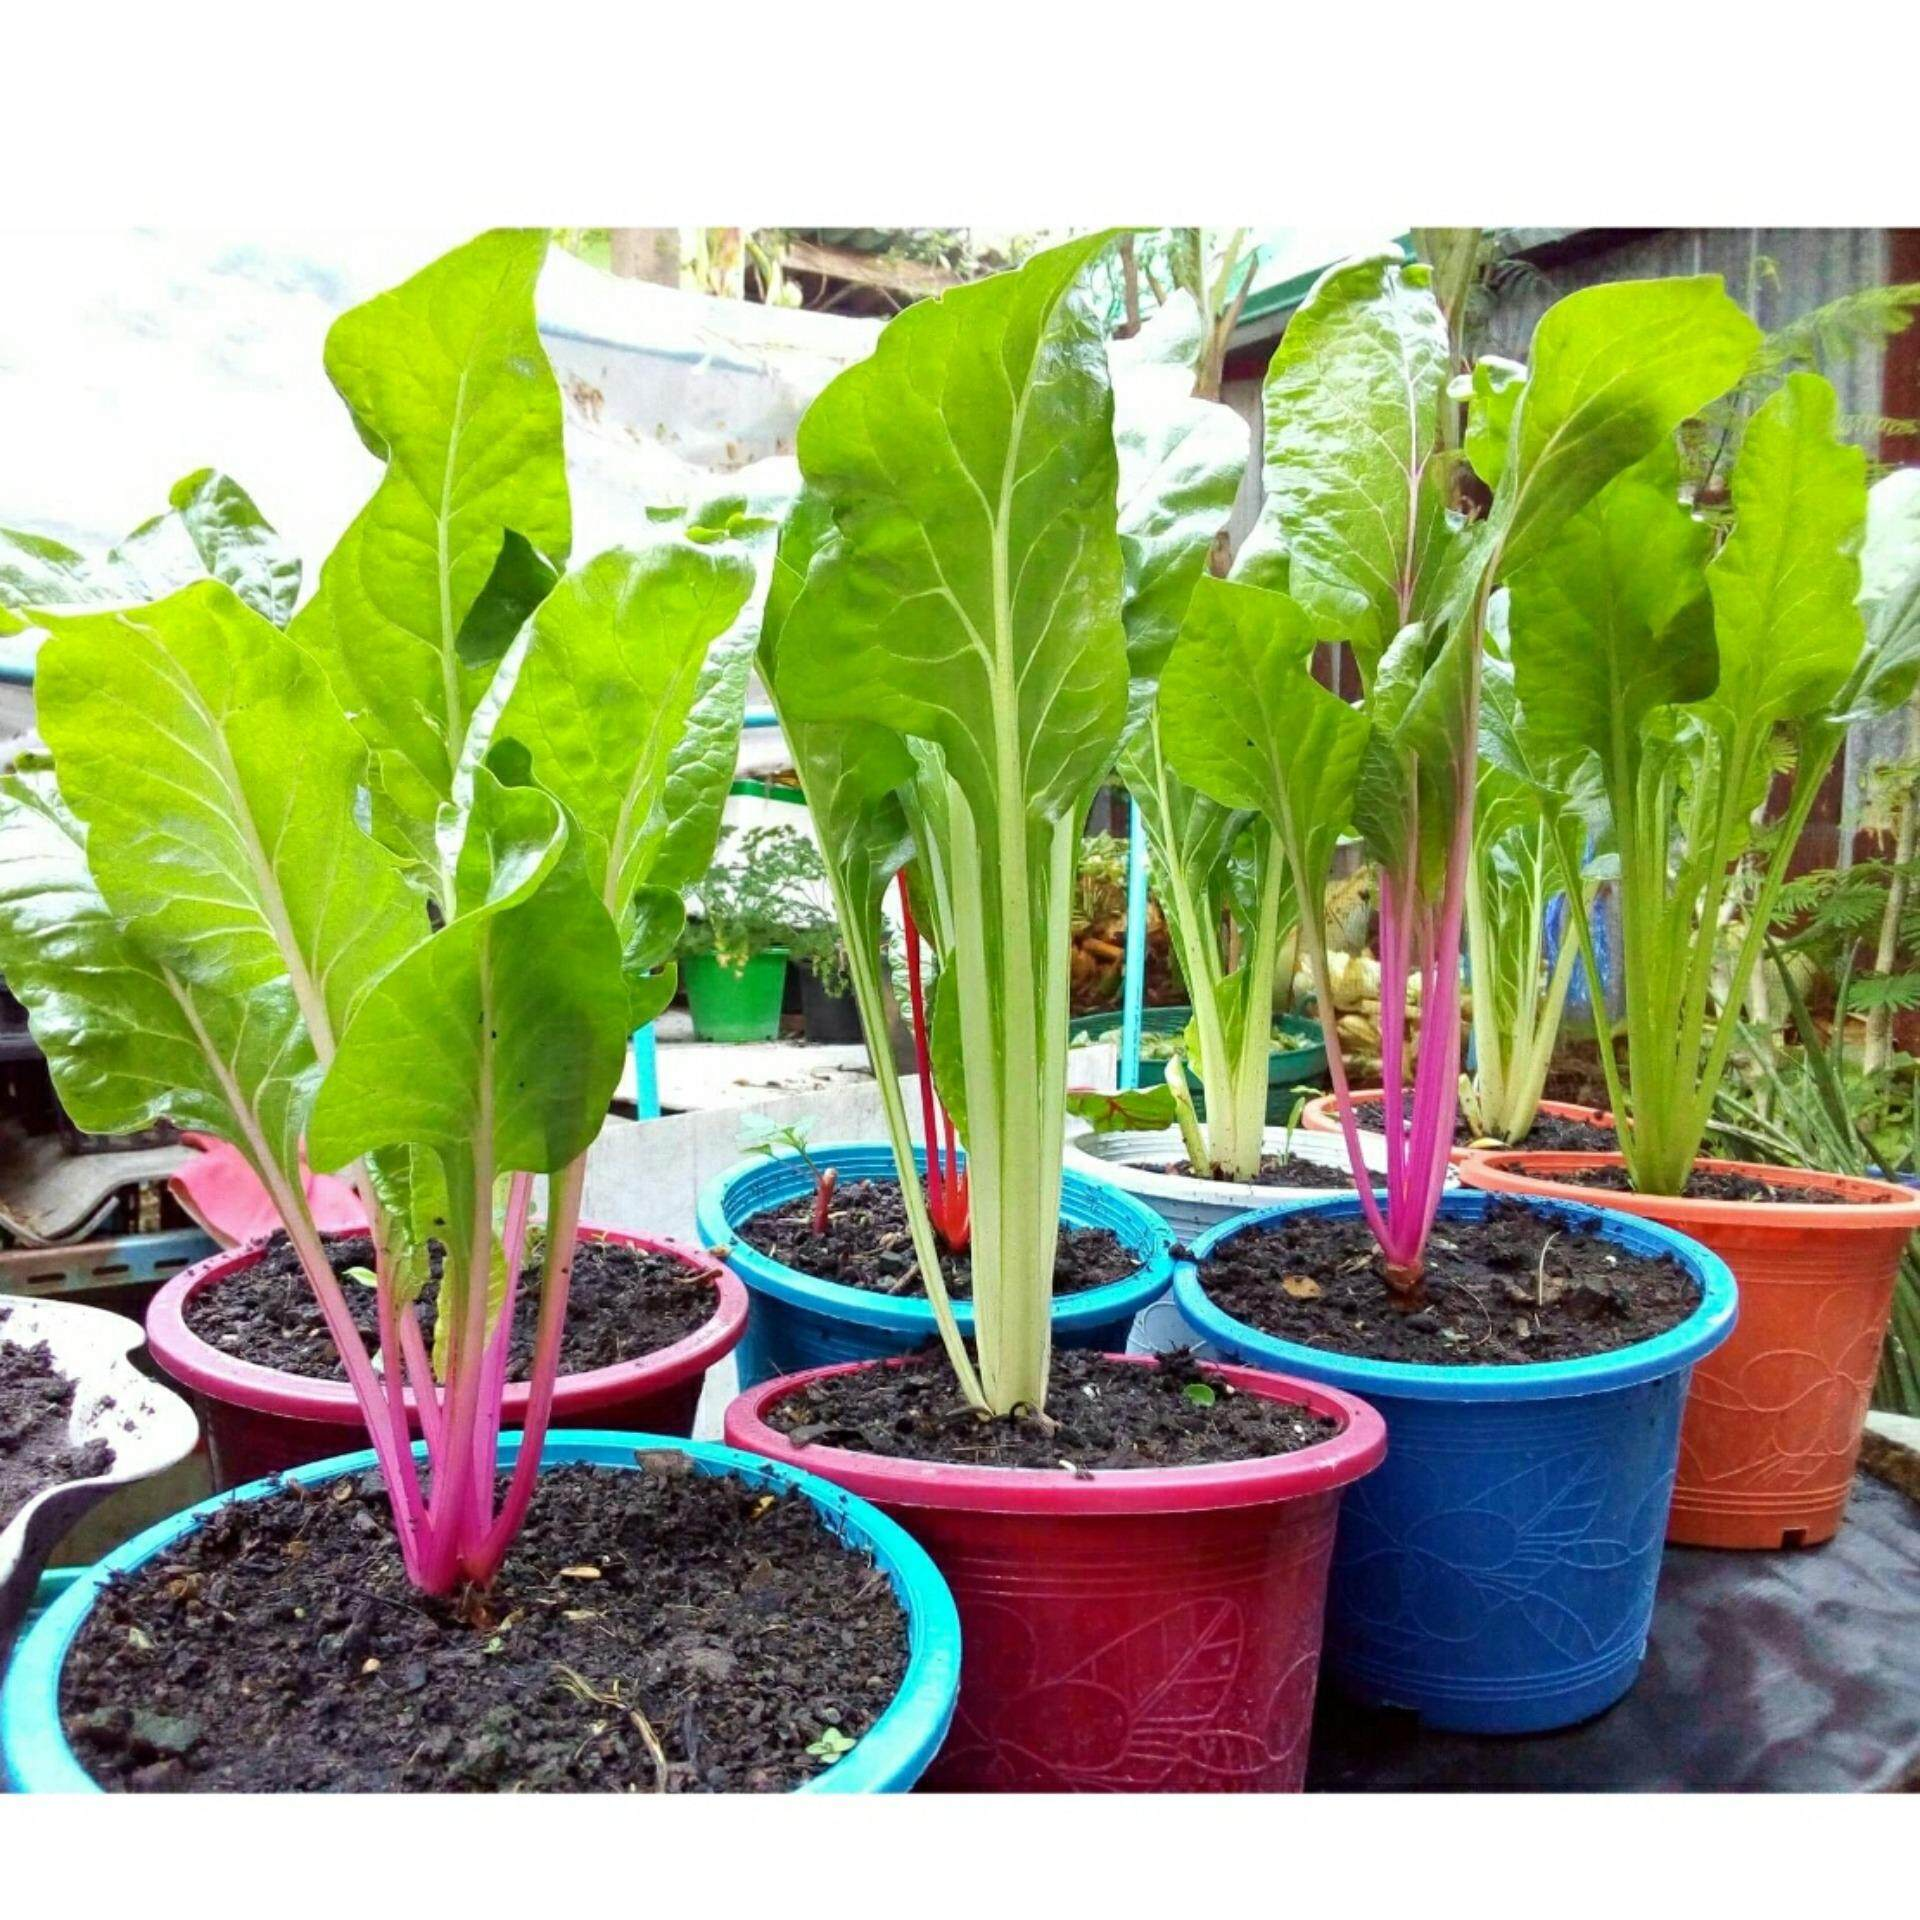 เมล็ดพันธุ์ เมล็ดพืช ผักสวนครัว Swiss Chard ผักกาดสายรุ้ง จำนวน 30 เมล็ด อัตราการงอกสูง